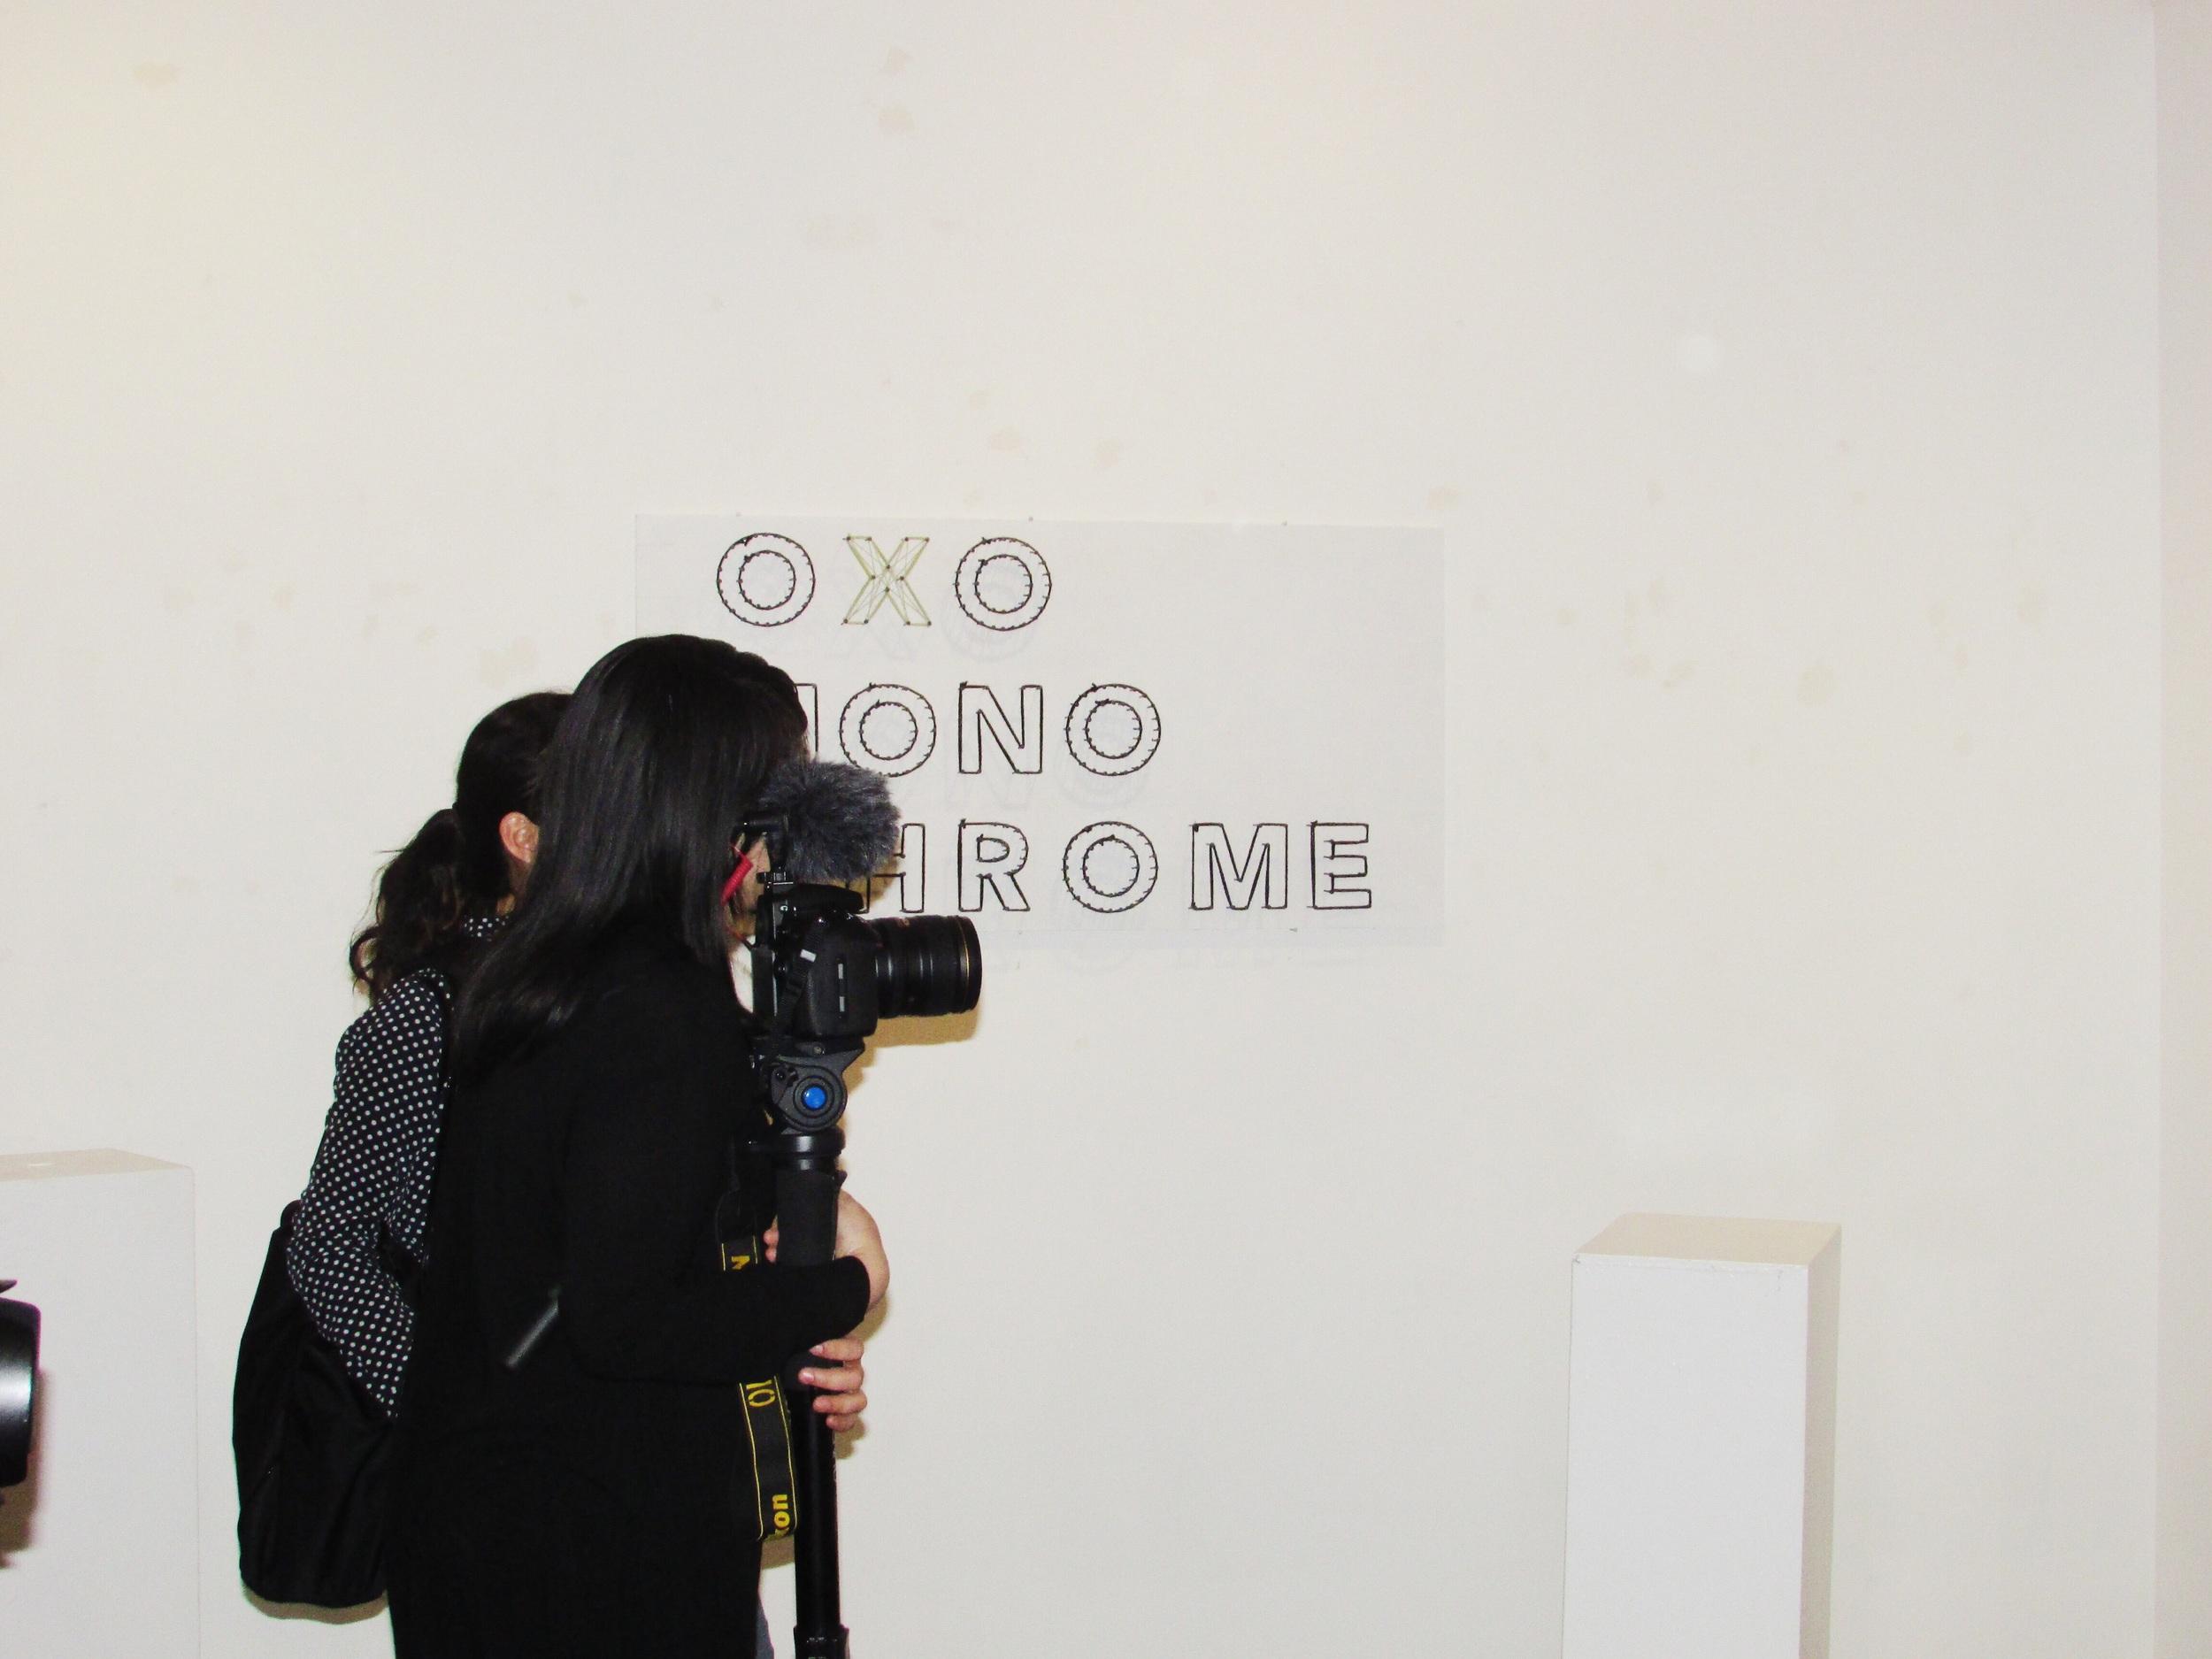 OXOMONOCHROME